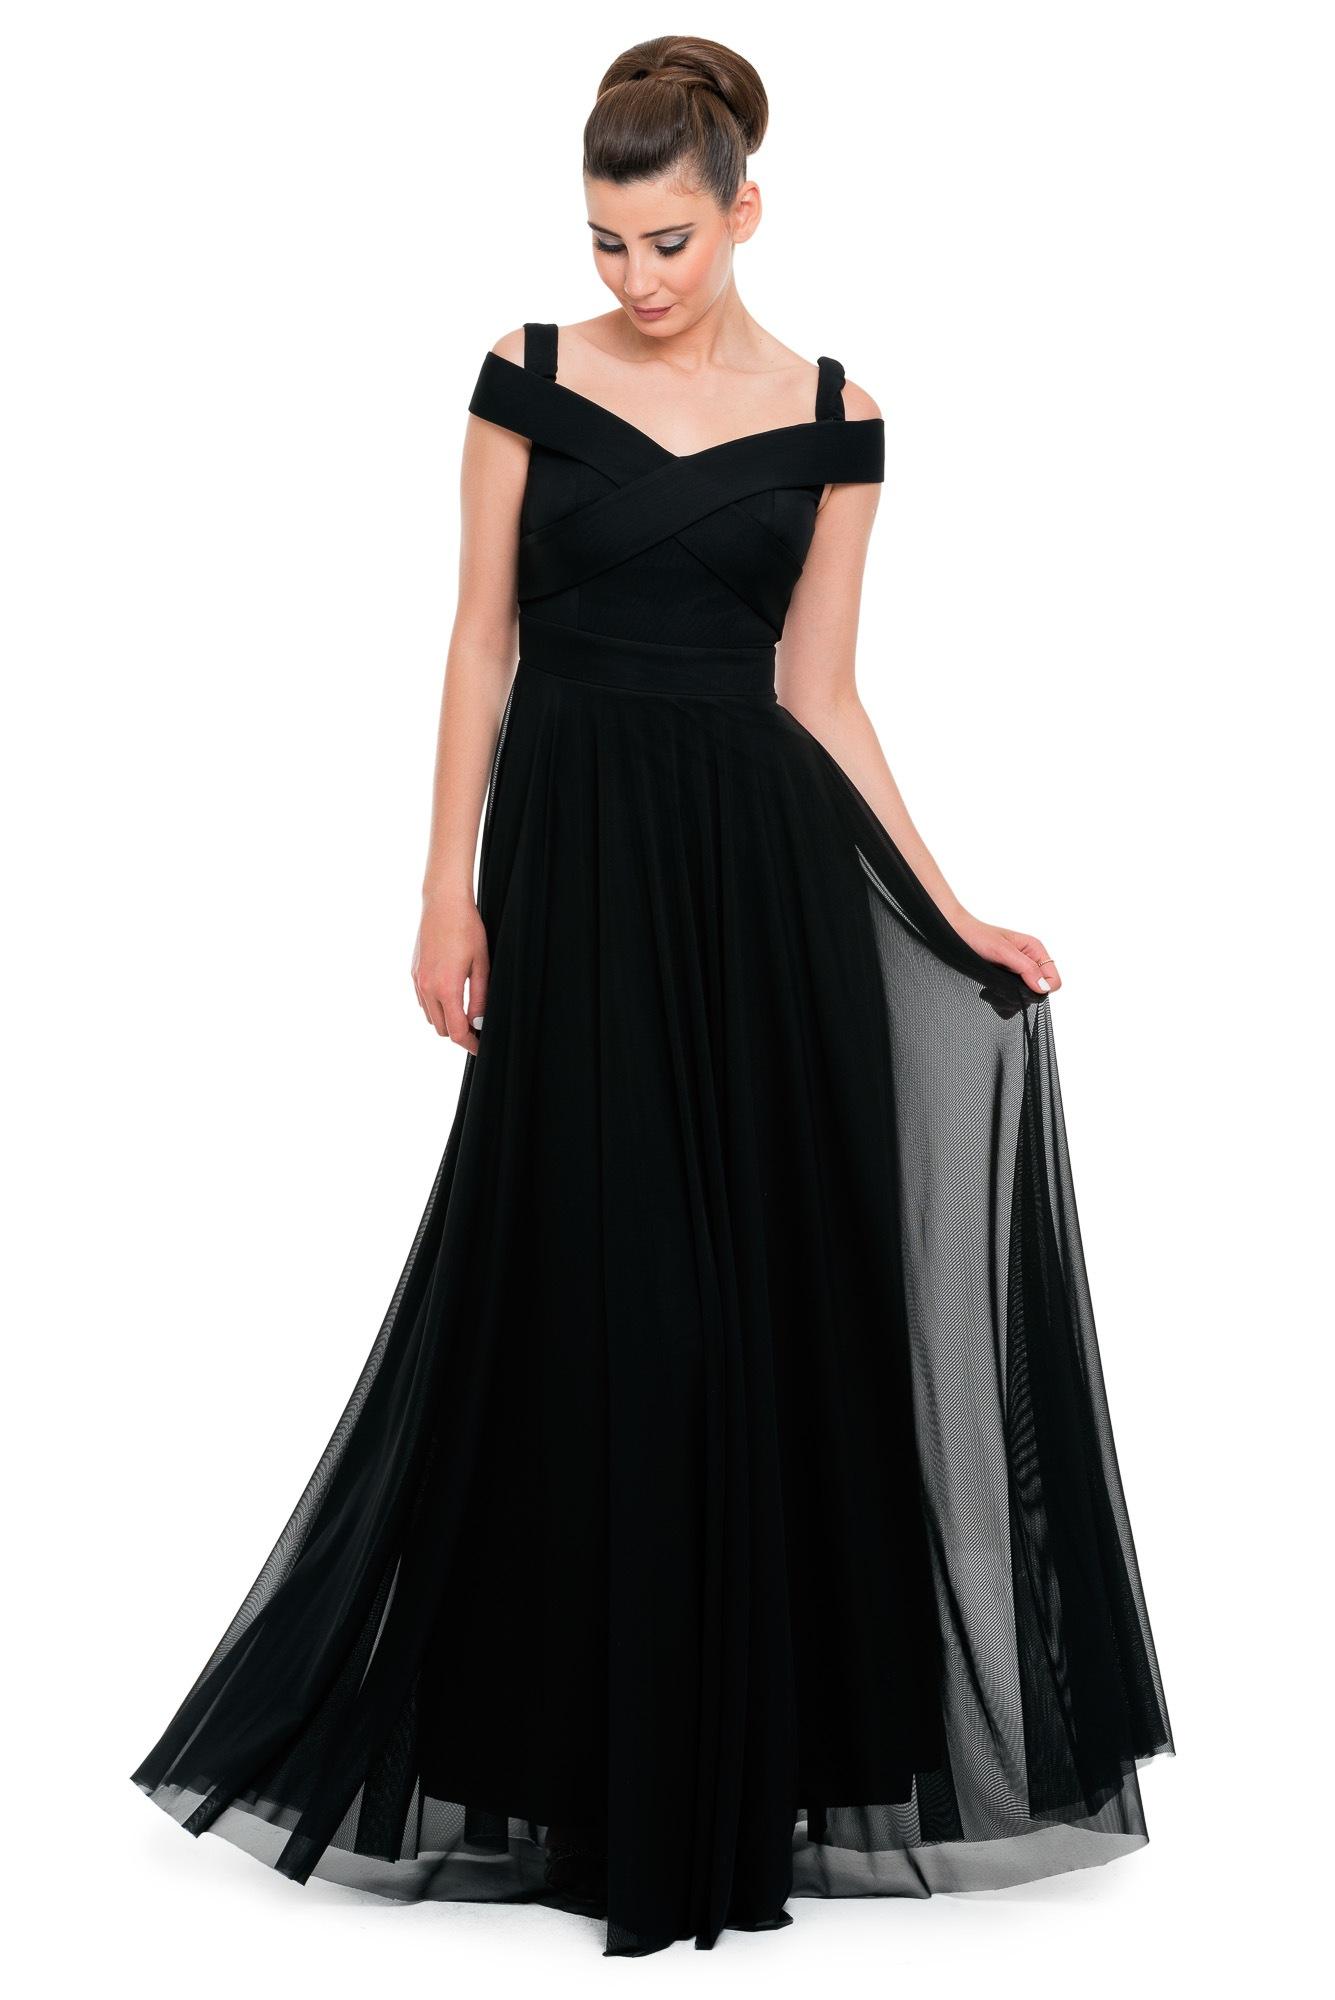 8b2bc15921de3 Tüllü Dekolteli Abiye Elbise Modelleri - Kadın Modası ve Trend Modeller